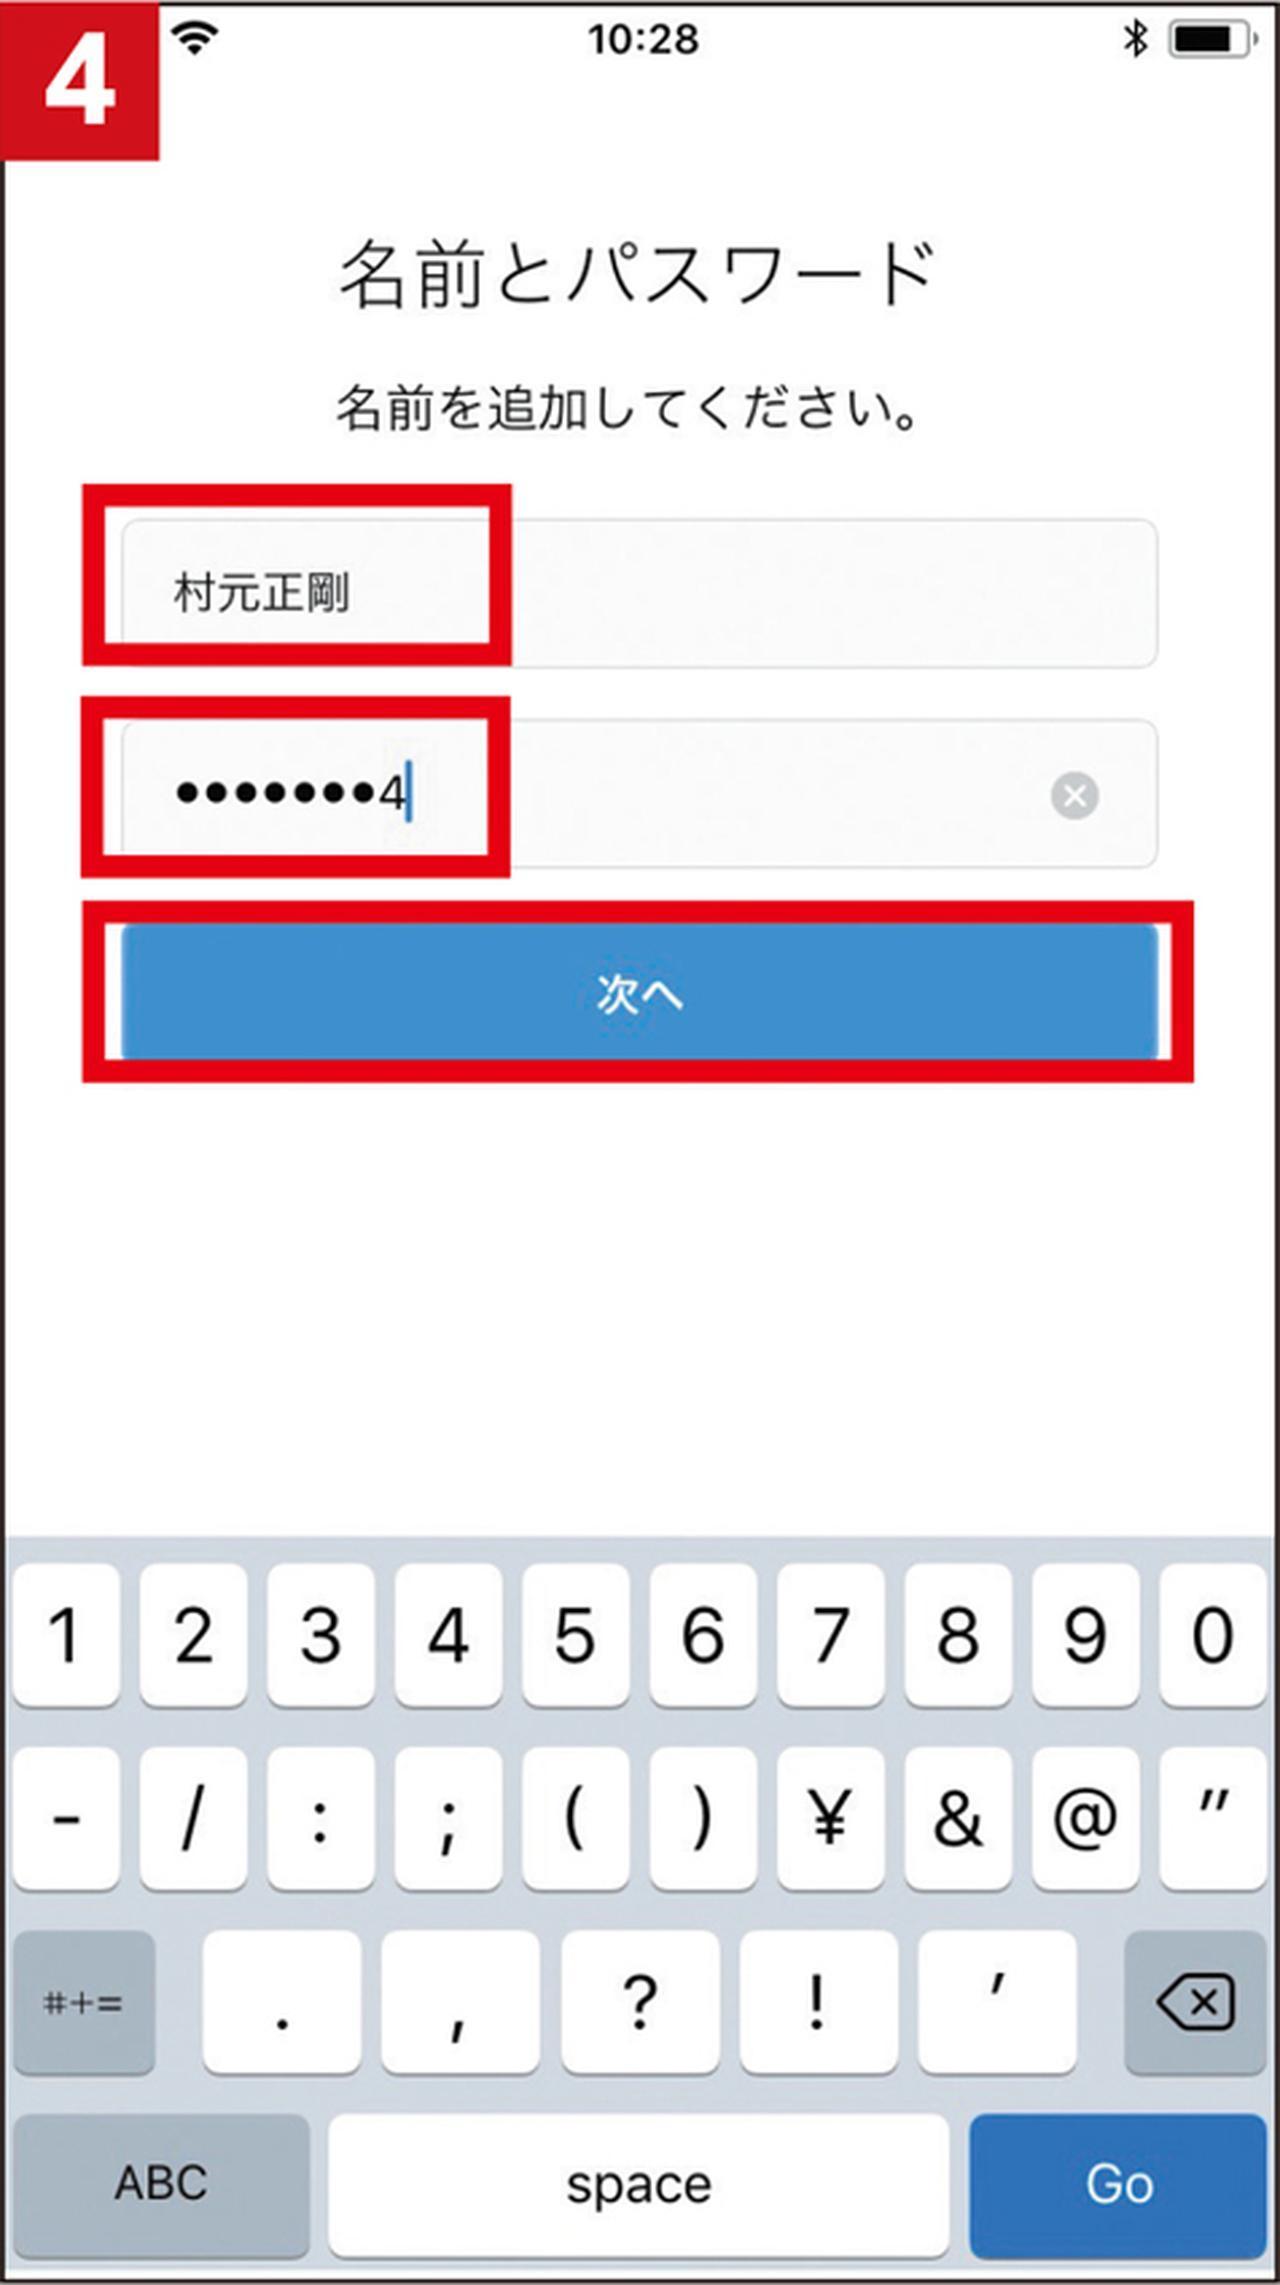 画像: 自分で決めた名前とパスワードを入力して「次へ」をタップ。名前はあとから変更できる。